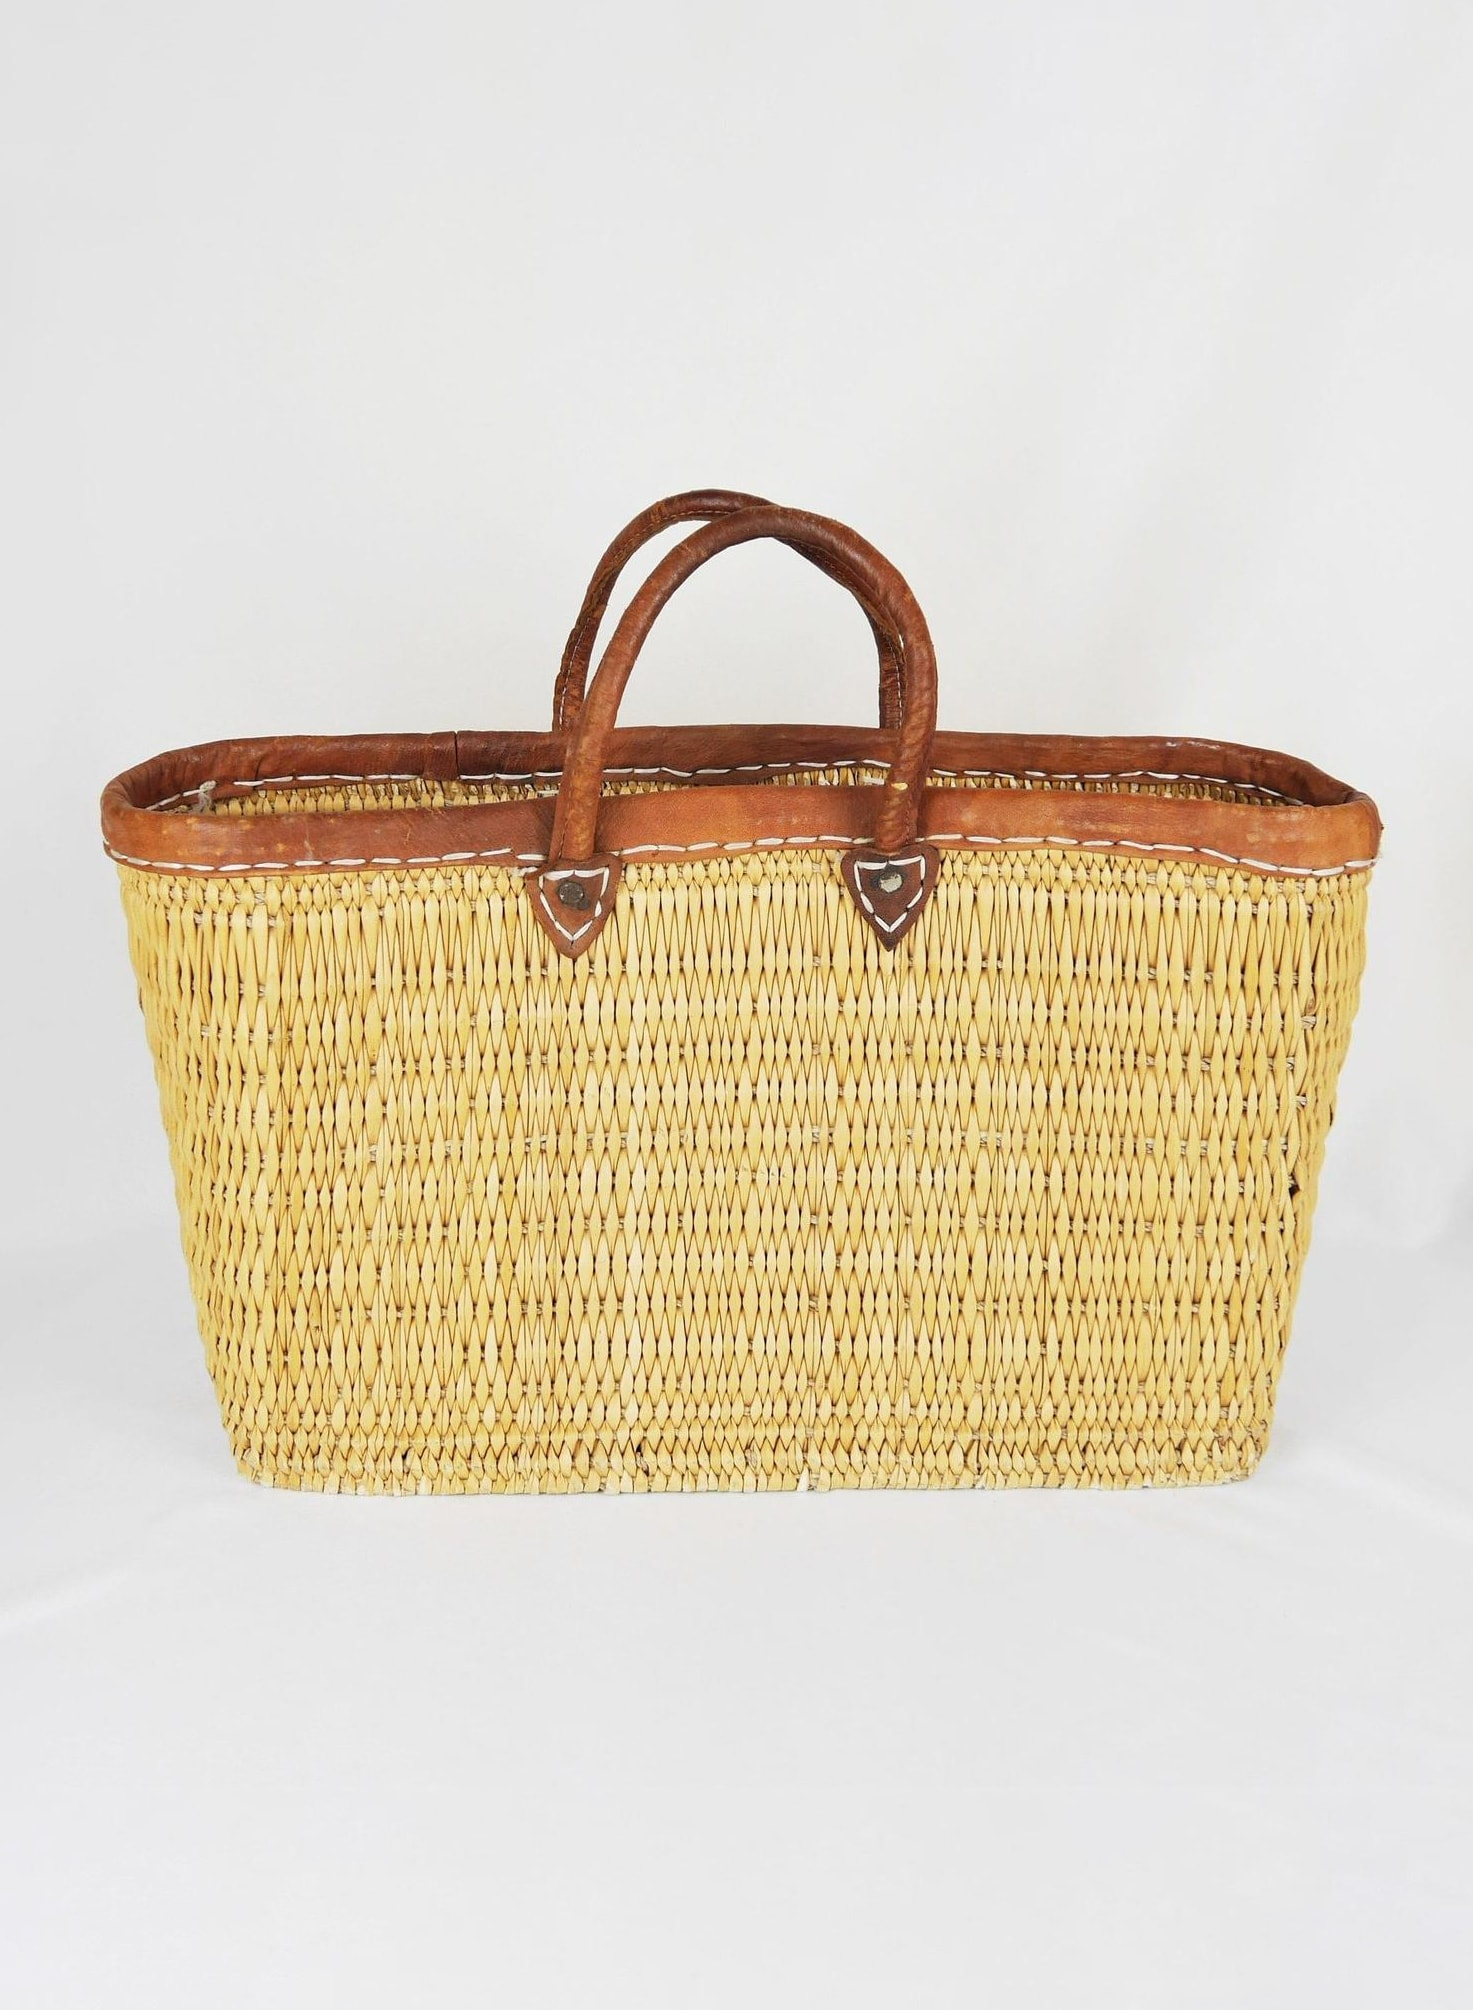 Vintage French Market Basket